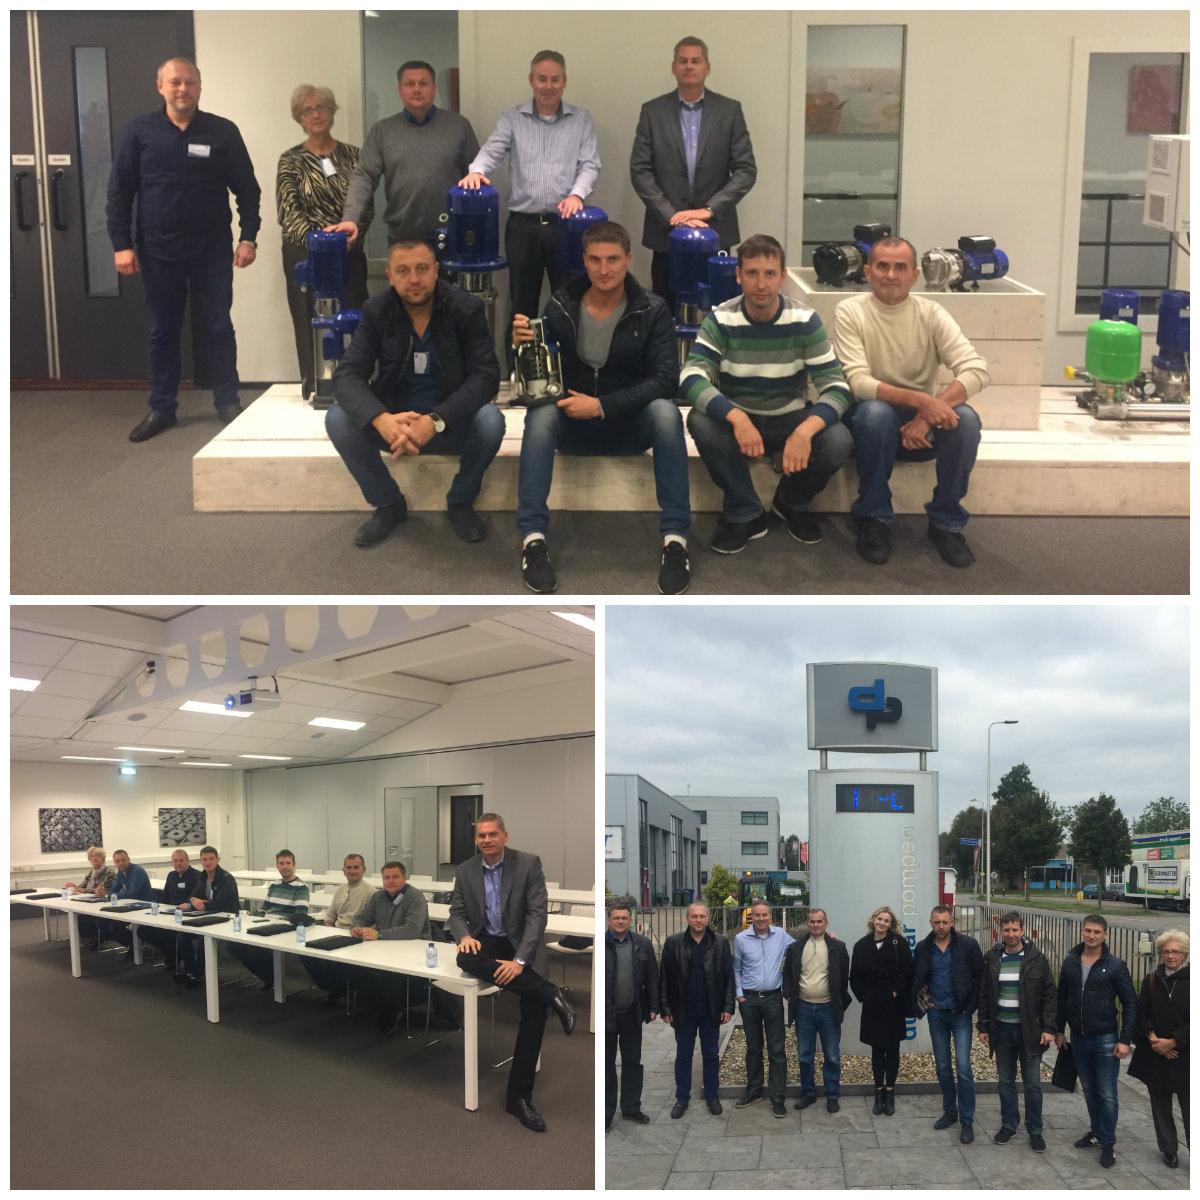 Вторая бизнес поездка 2016 года от IWT в Голландию на завод DP-Pumps. Группа инженеров-специалистов в области насосного обородувания и систем водоснабжения.